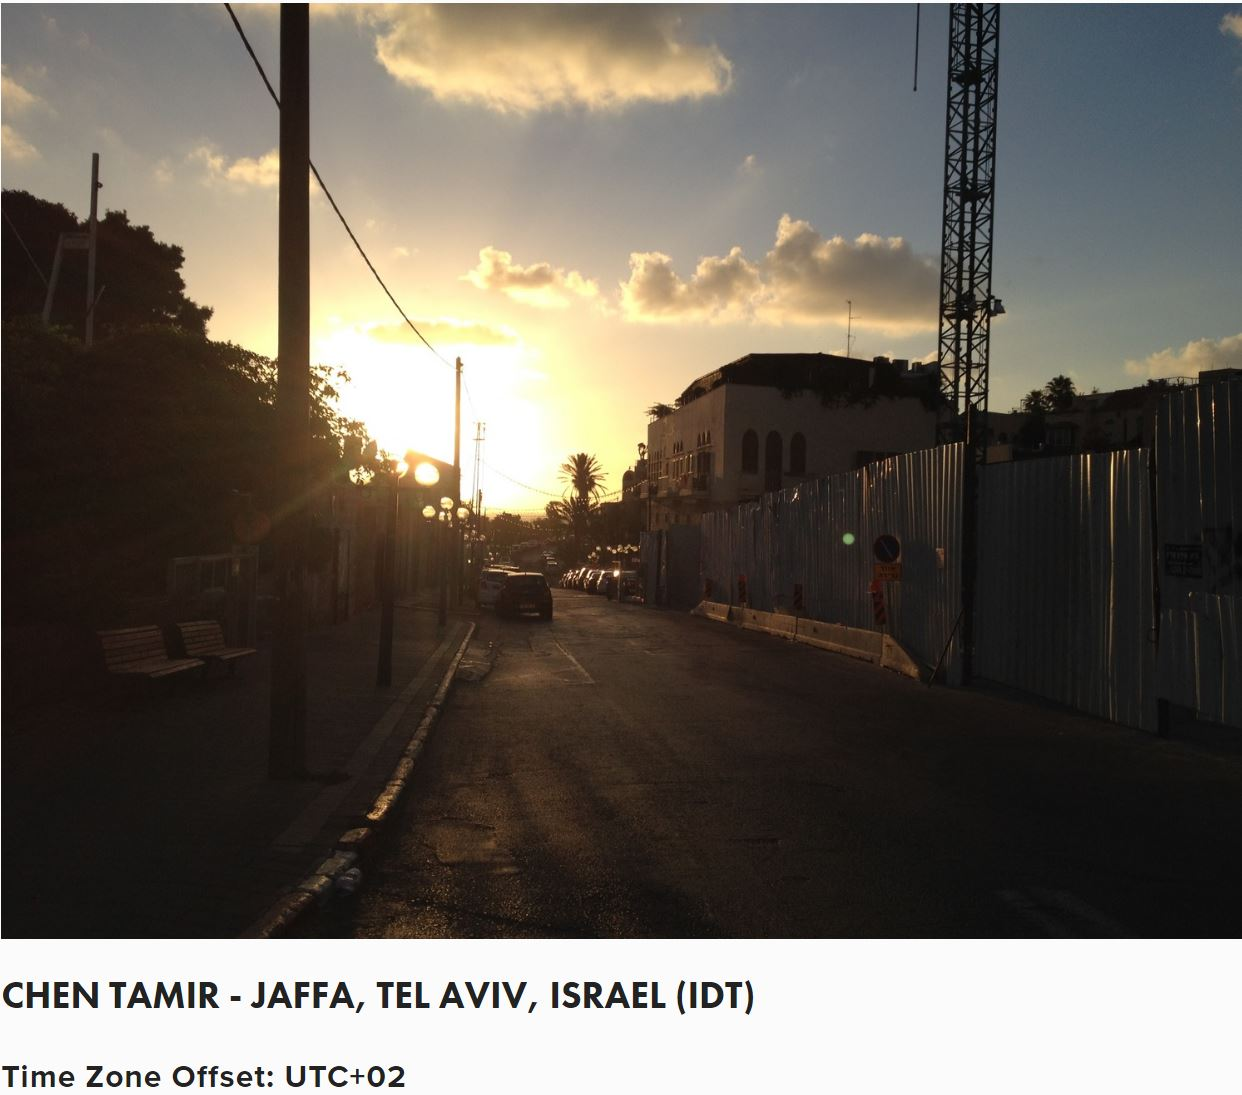 04 Chen Tamir - Tel Aviv, Israel.JPG